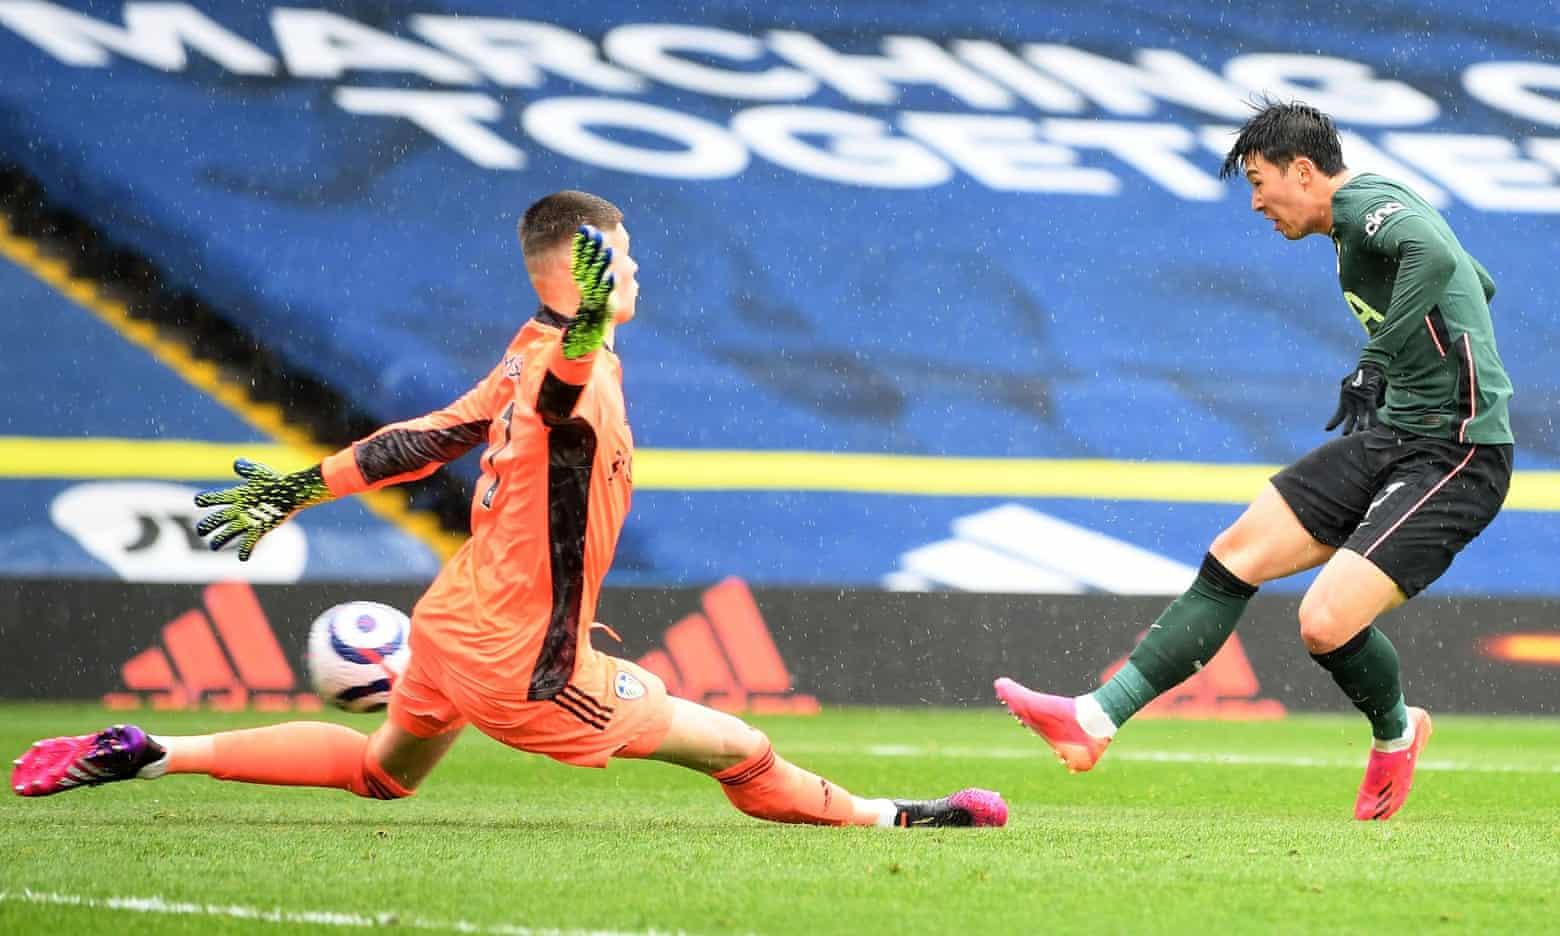 Son trong tình huống gỡ hoà 1-1 cho Tottenham ở giữa hiệp một, nhưng vẫn vô duyên trận này. Ảnh: PA